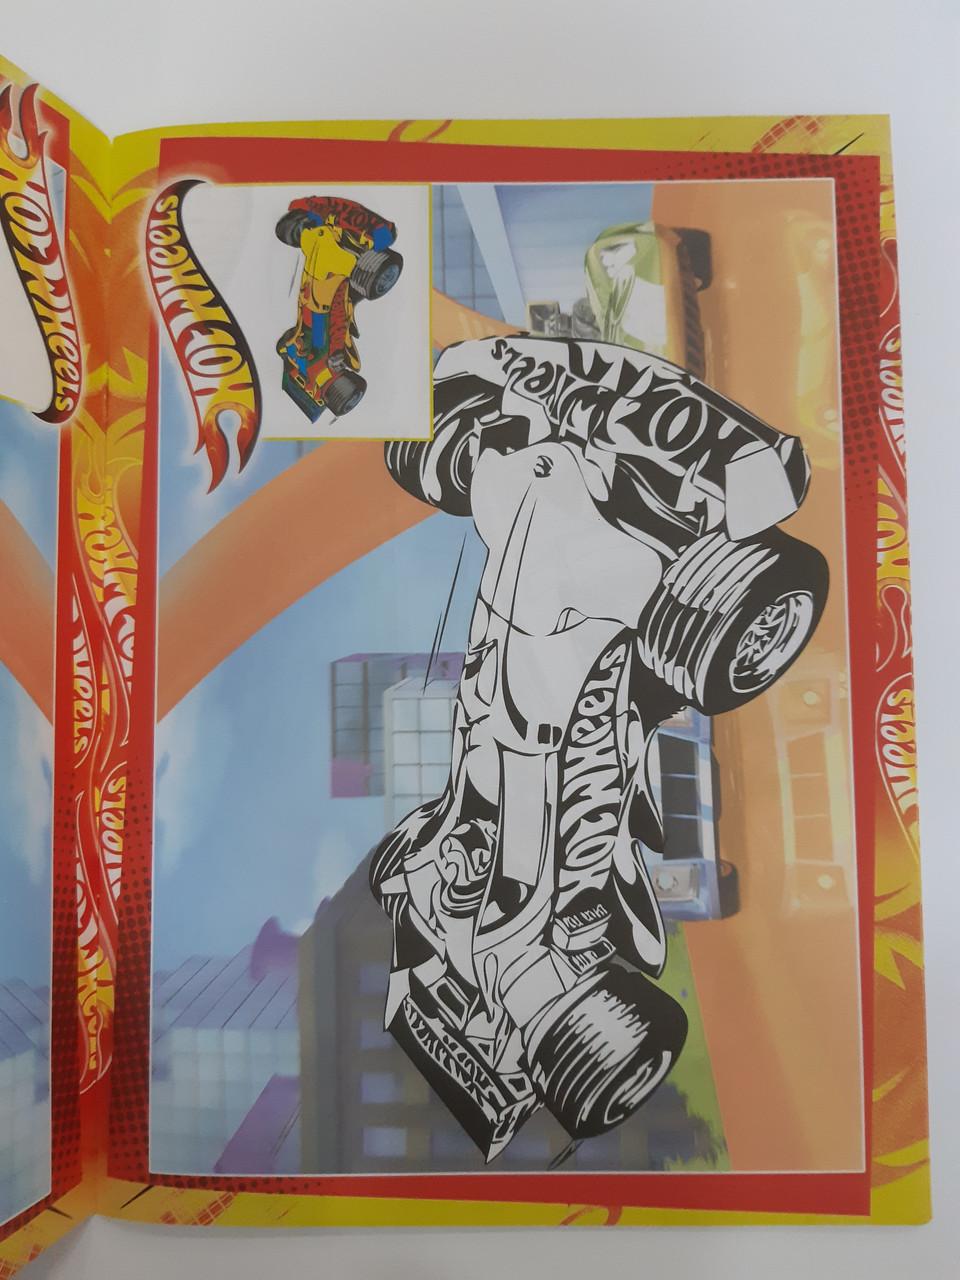 Колибри Раскраска Р-30: 126 наклеек/хот вилс: продажа ...